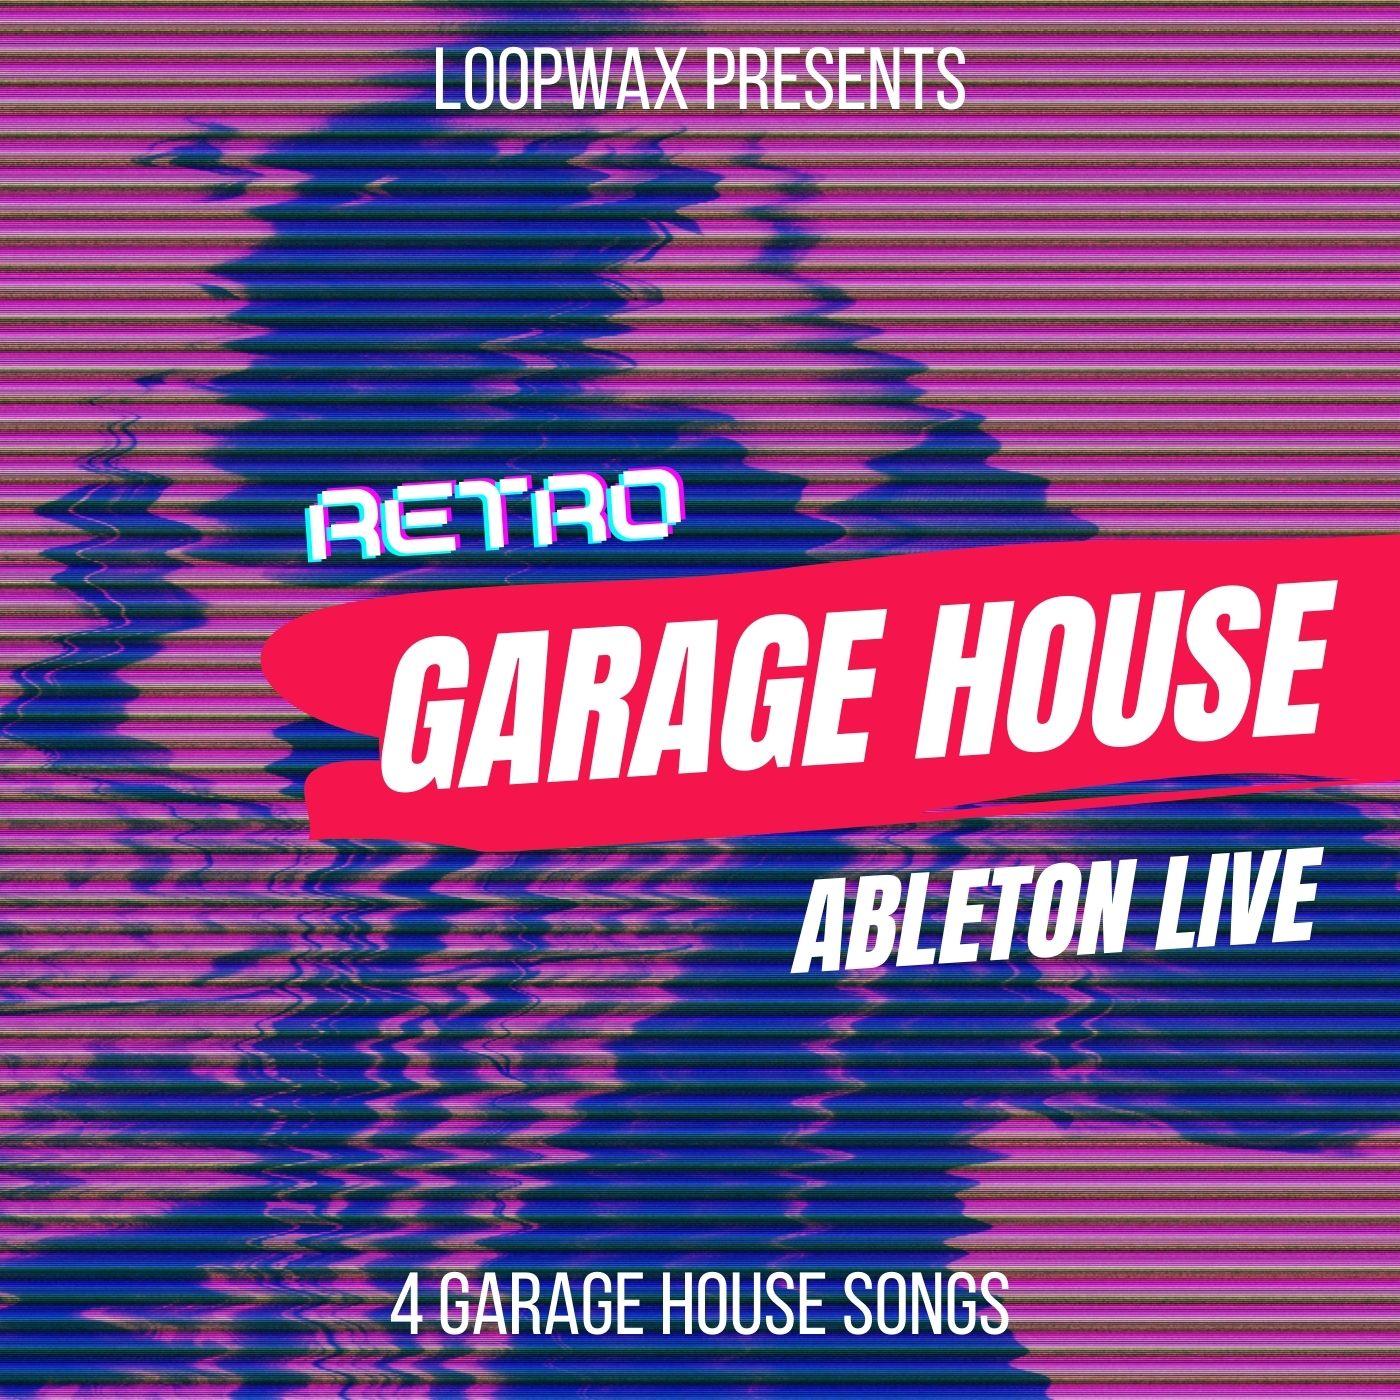 RETRO GARAGE HOUSE ABLETON